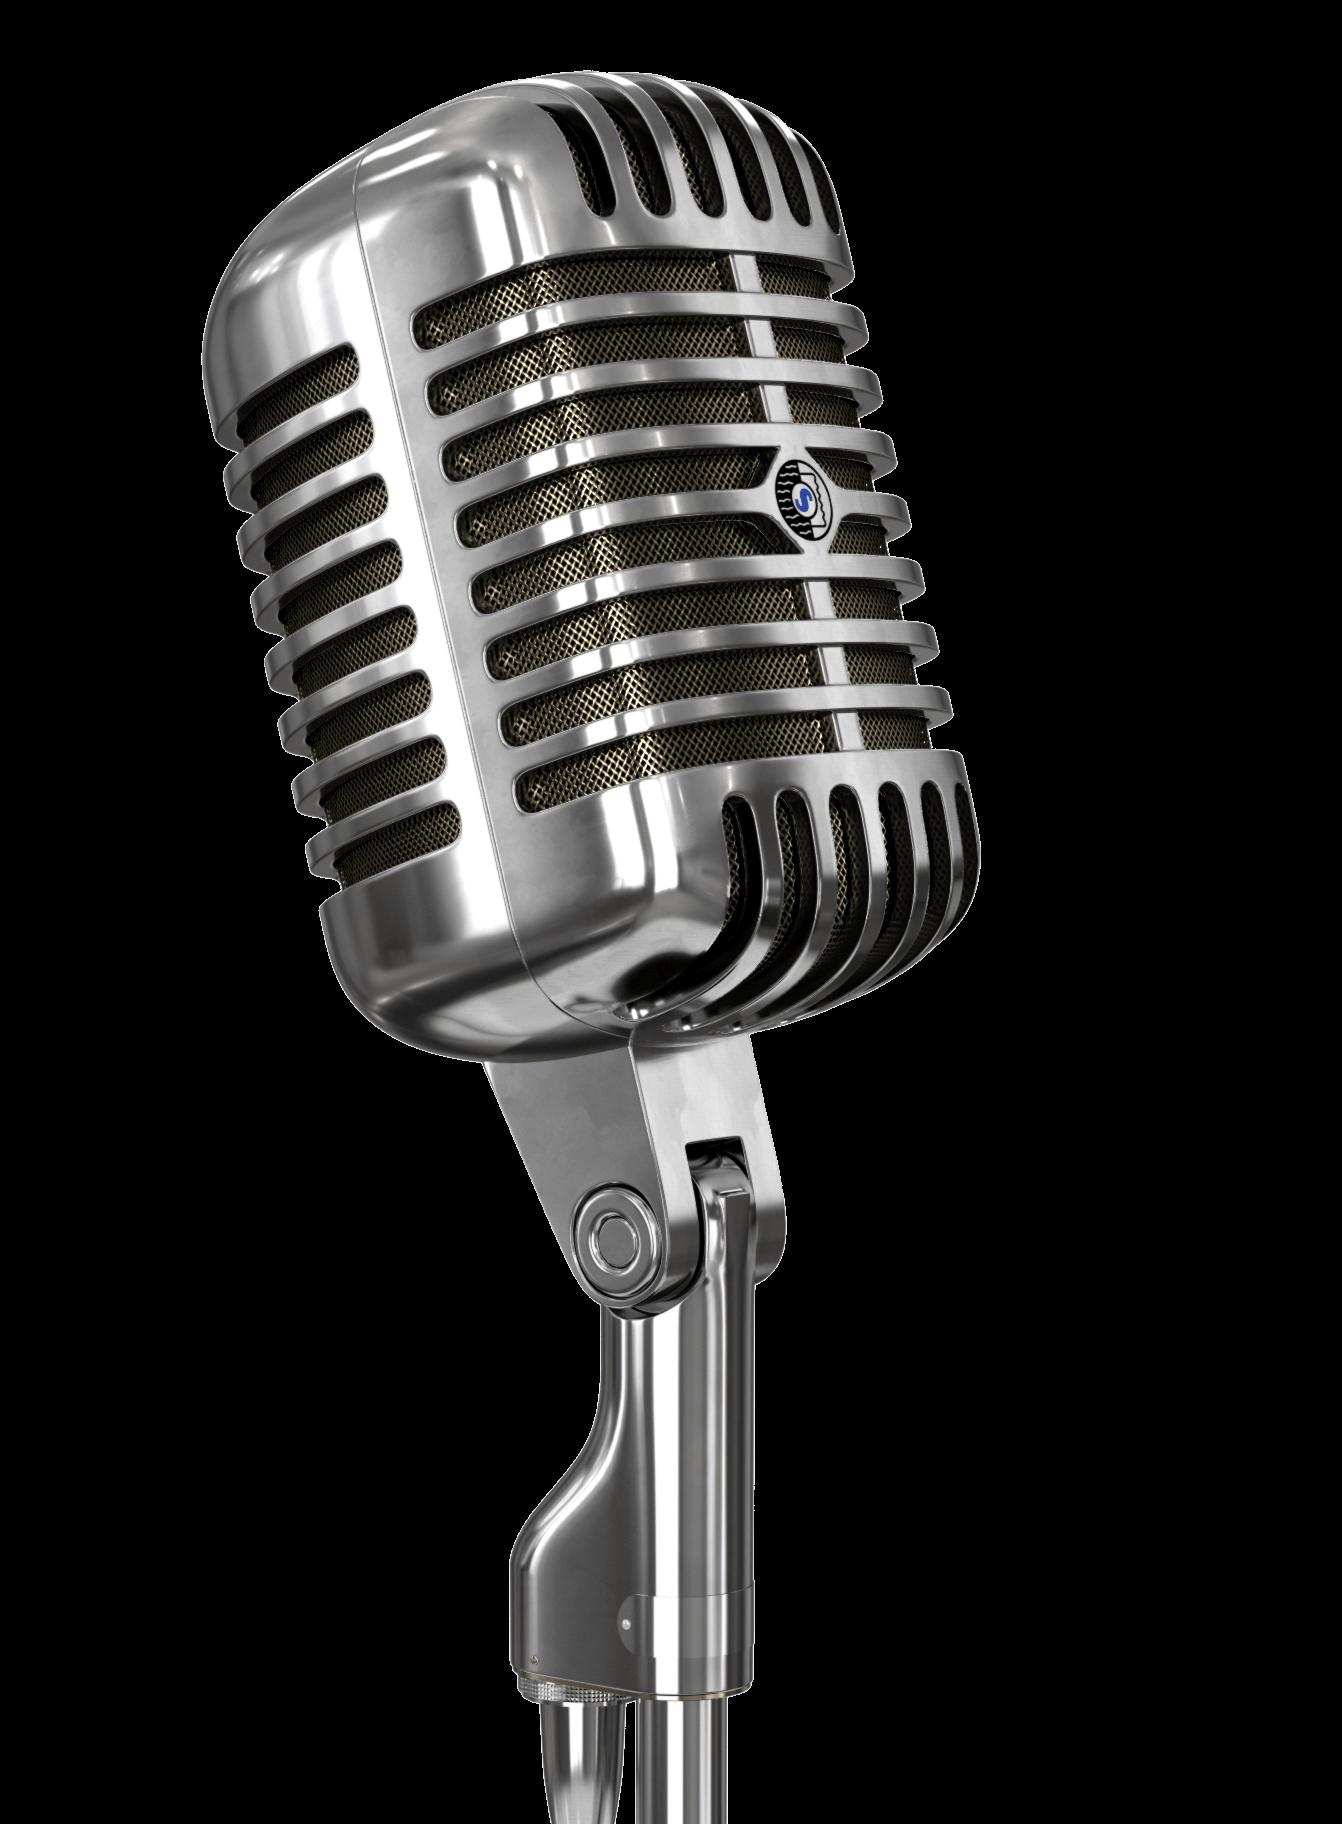 PNG Vintage Microphone - 56163